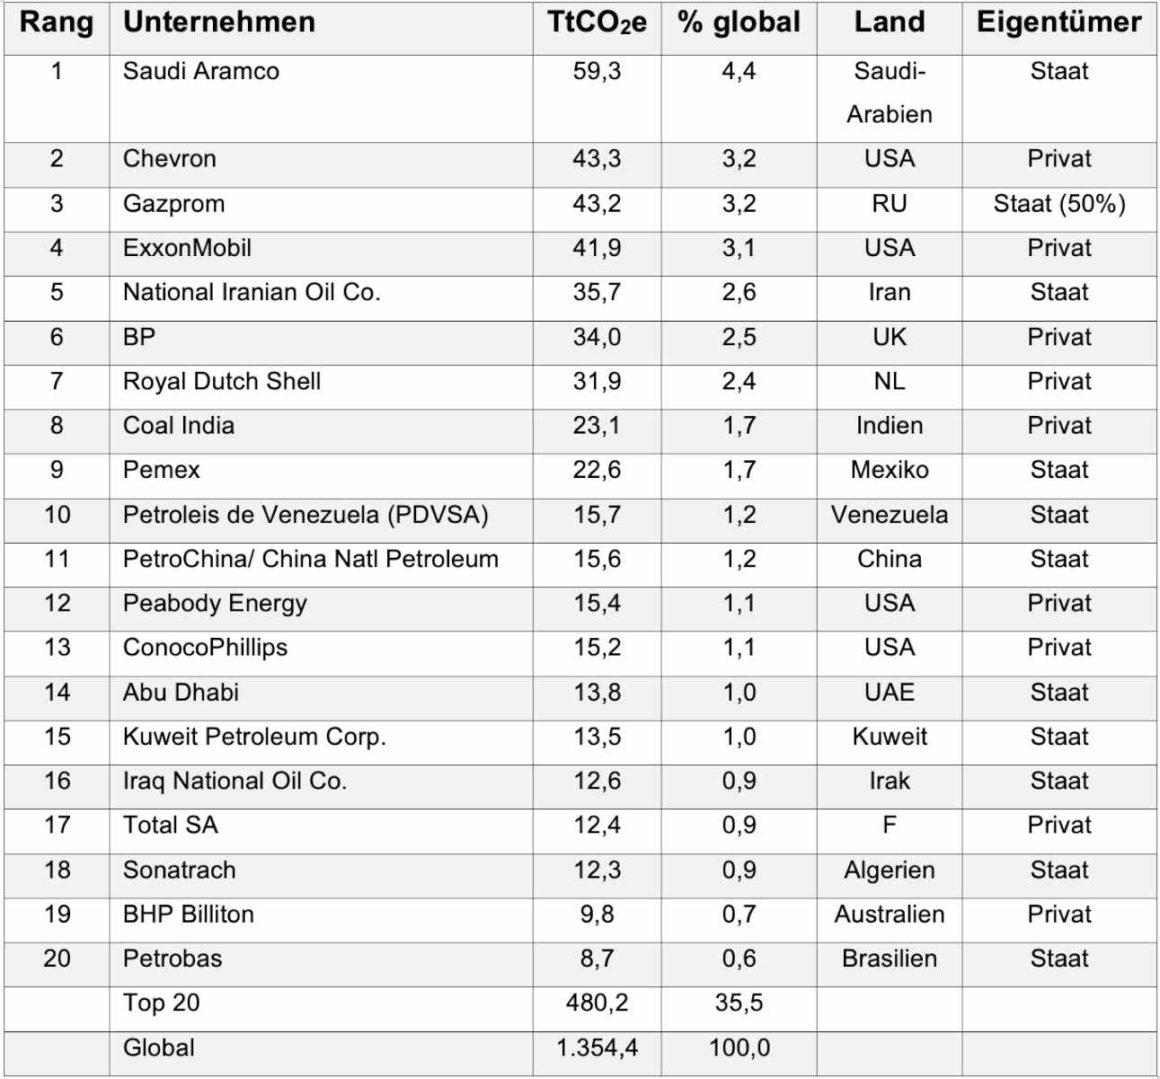 Tabelle TOP20 Erdölunternehmen die am Klimawandel ursächlich beteiligt sind